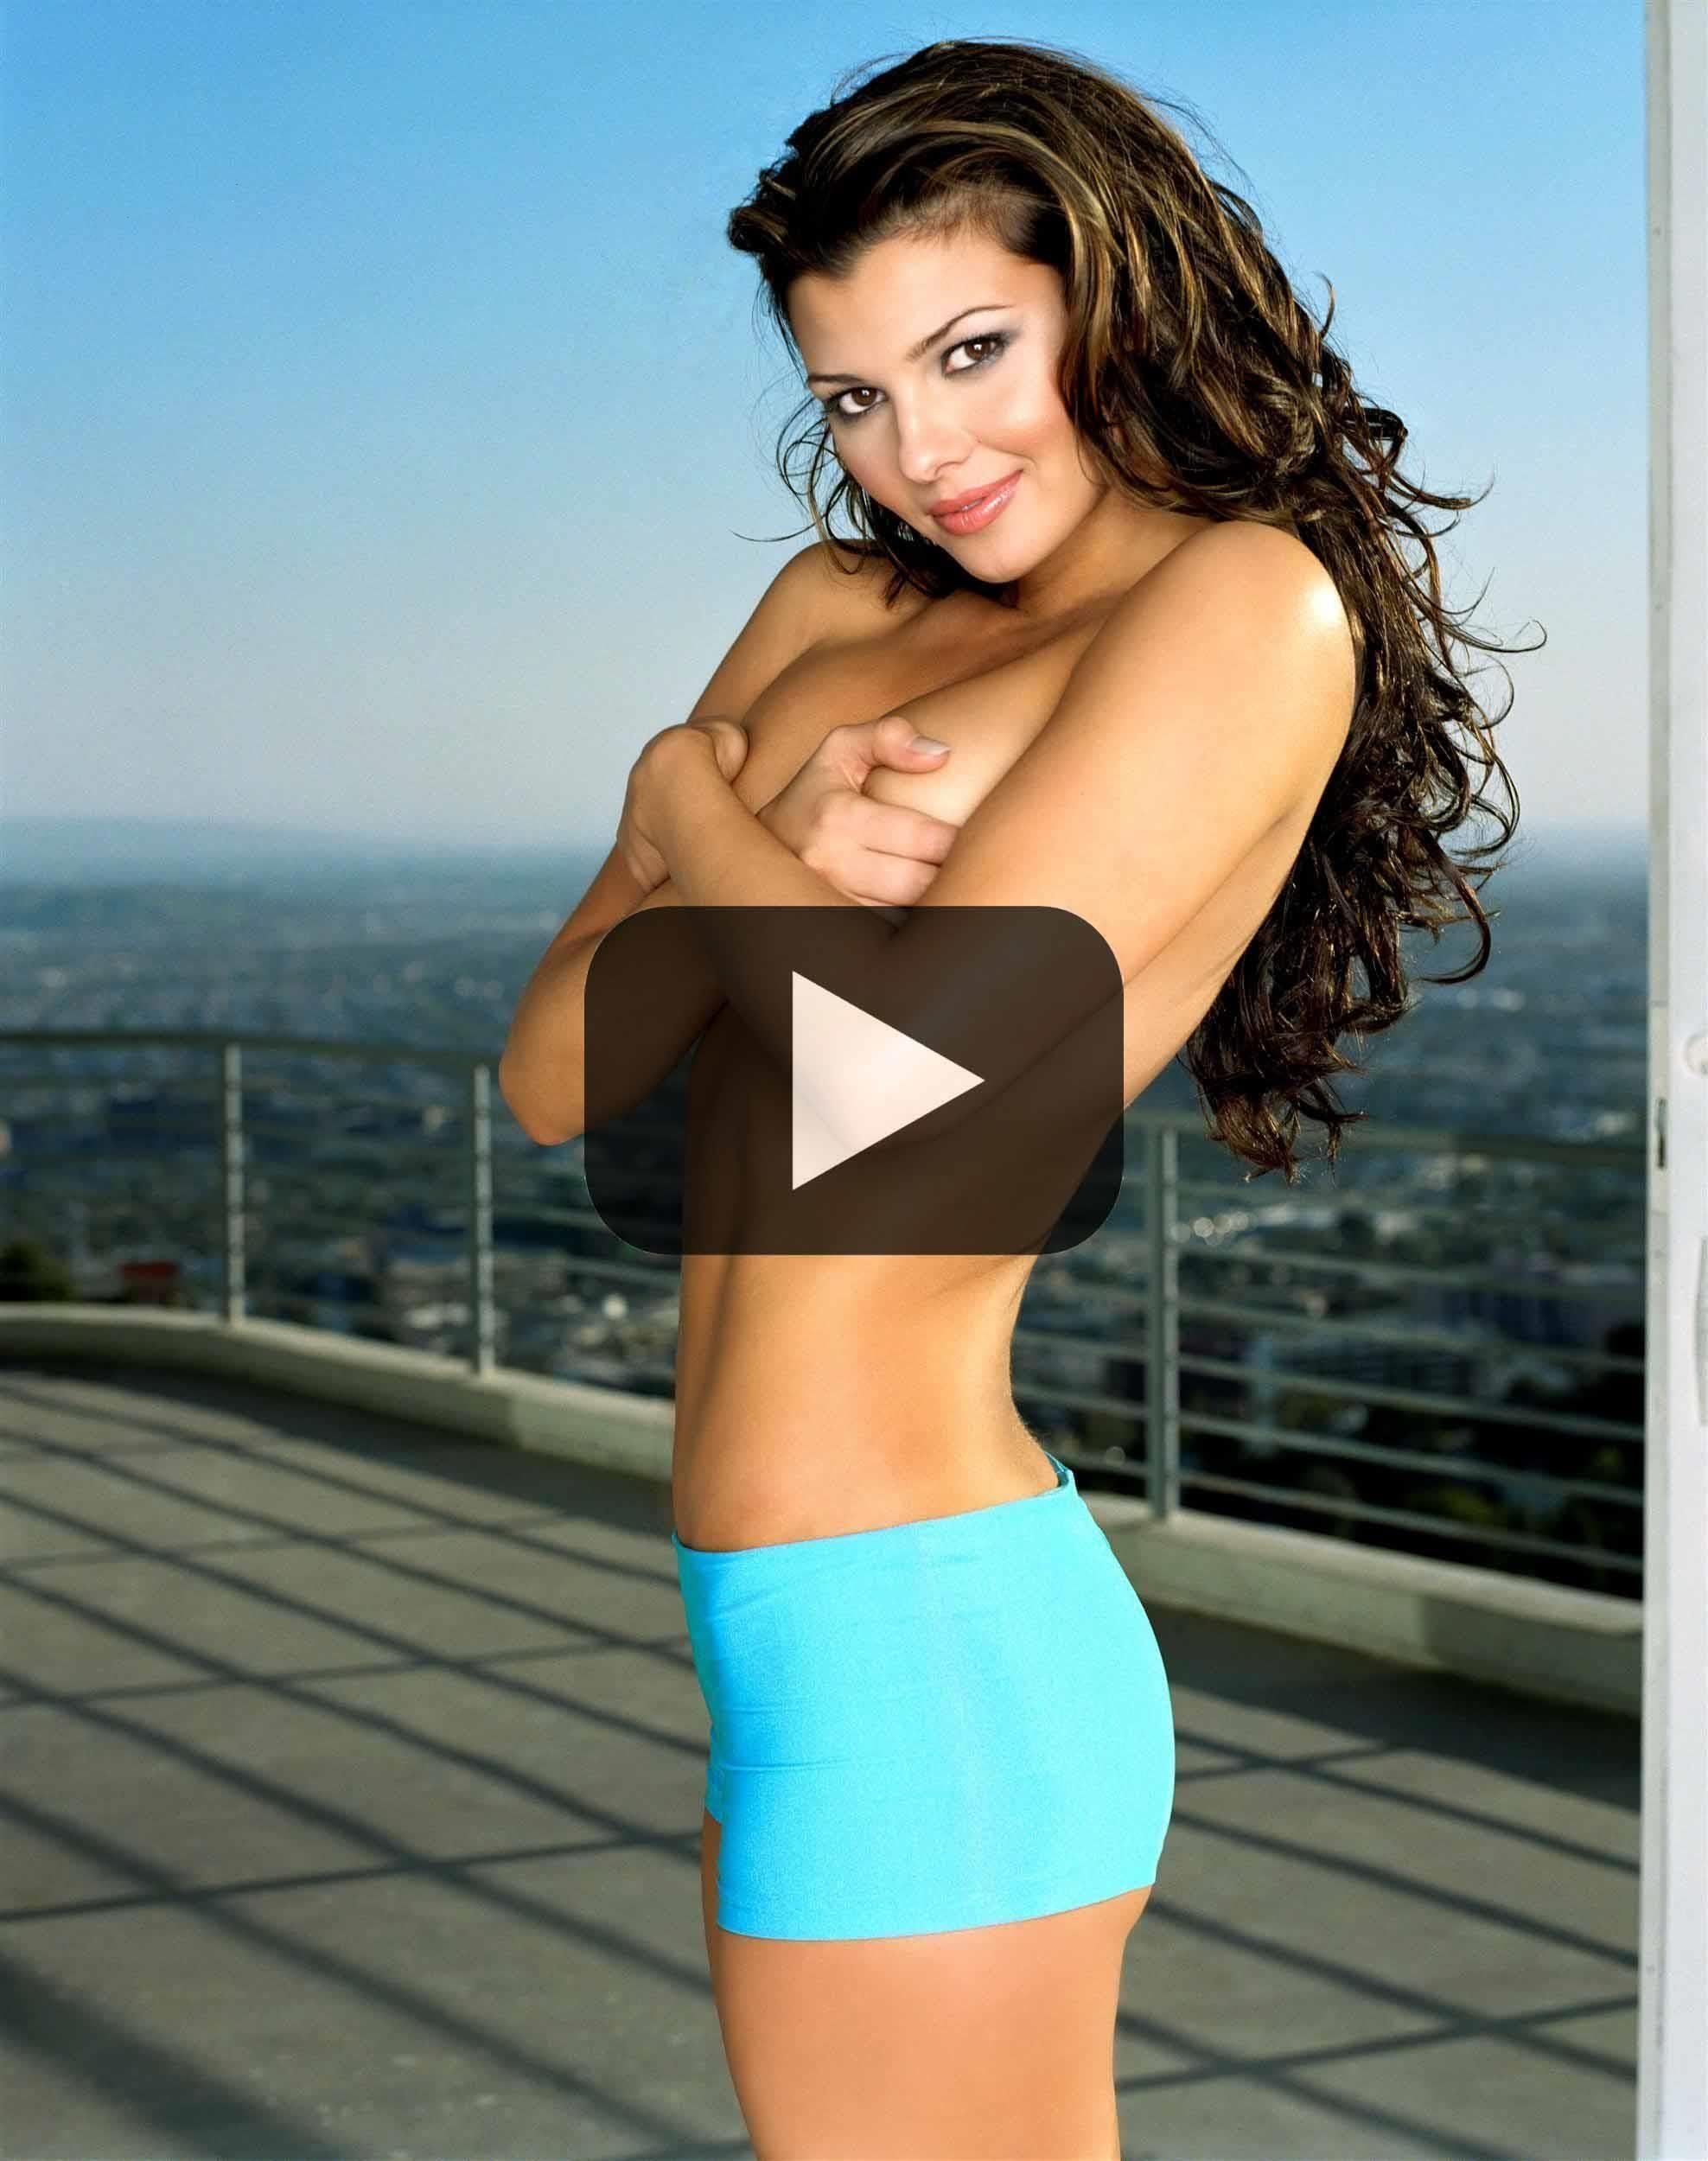 Tamil actress devayani nude